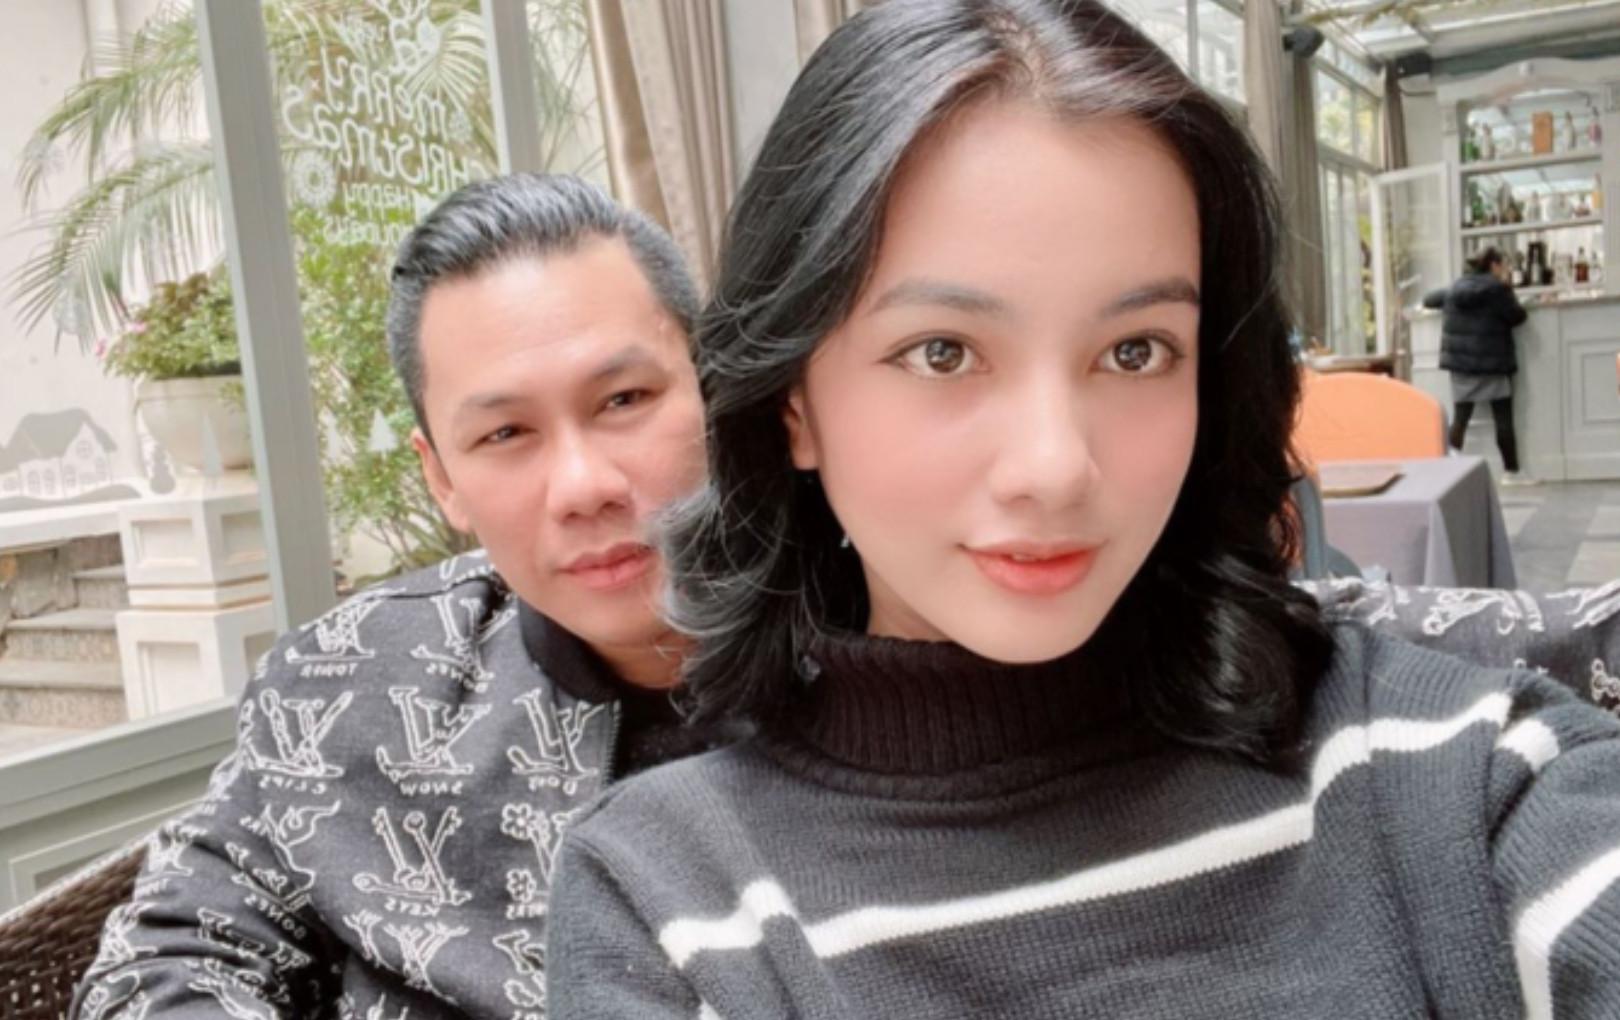 Cẩm Đan - tình trẻ kém 27 tuổi của chồng Lệ Quyên bị tấn công dữ dội sau tin đồn hẹn hò